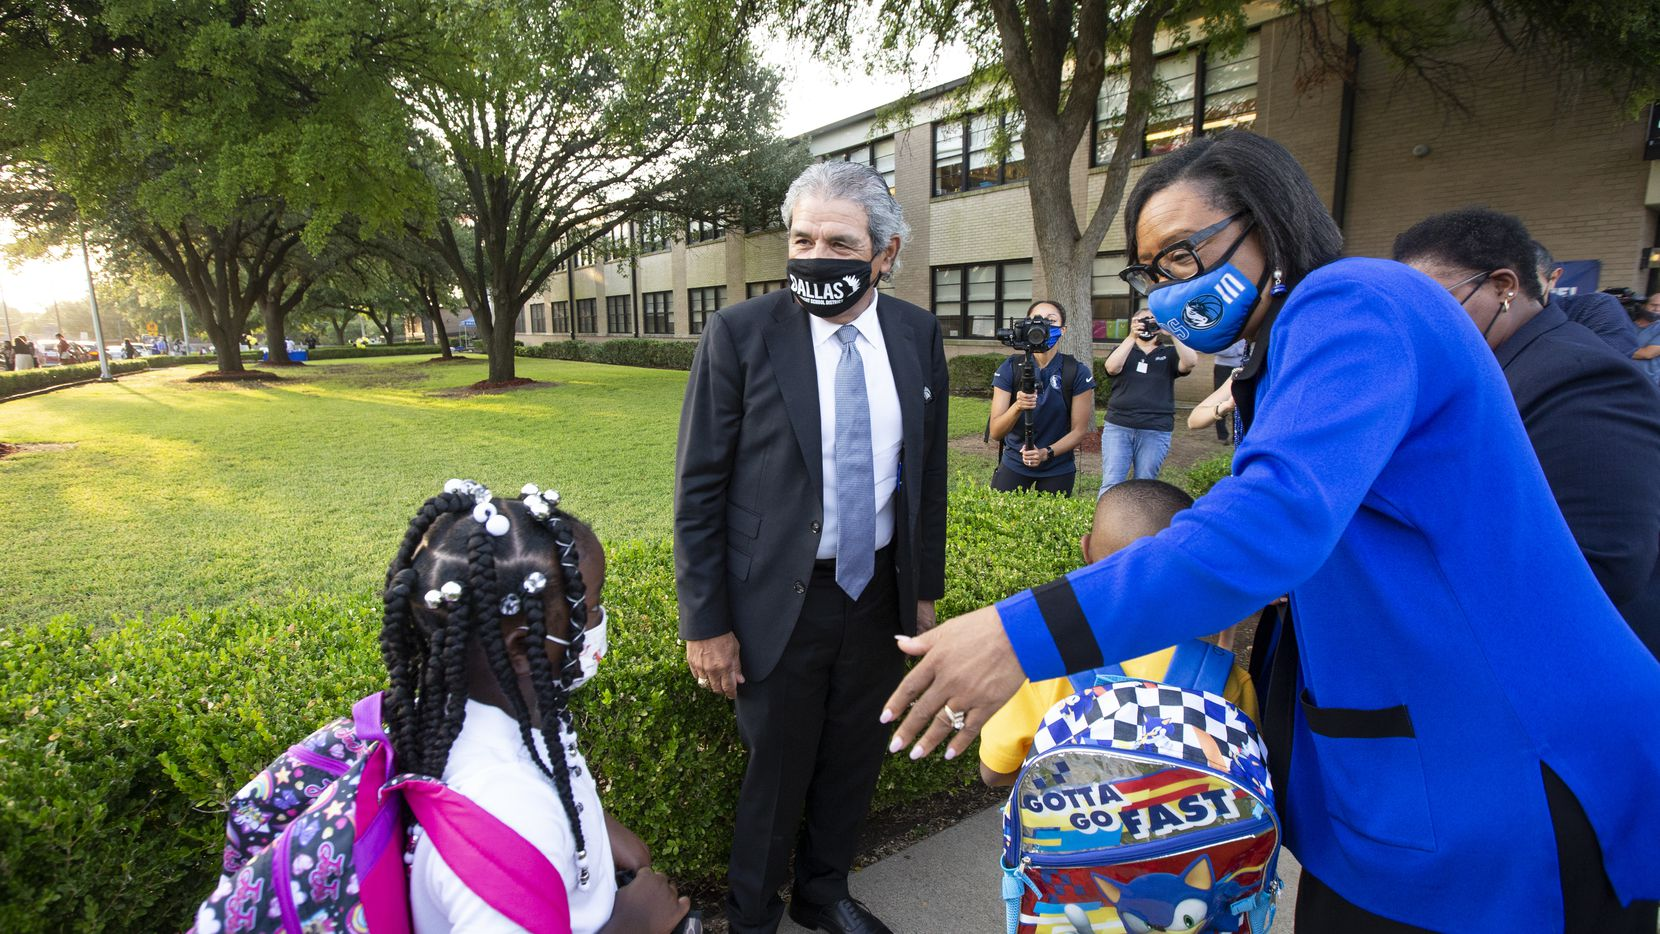 El lunes el superintendente Michael Hinojosa anunció que requerirá cubrebocas en las escuelas. Otros distritos se han ido sumando.